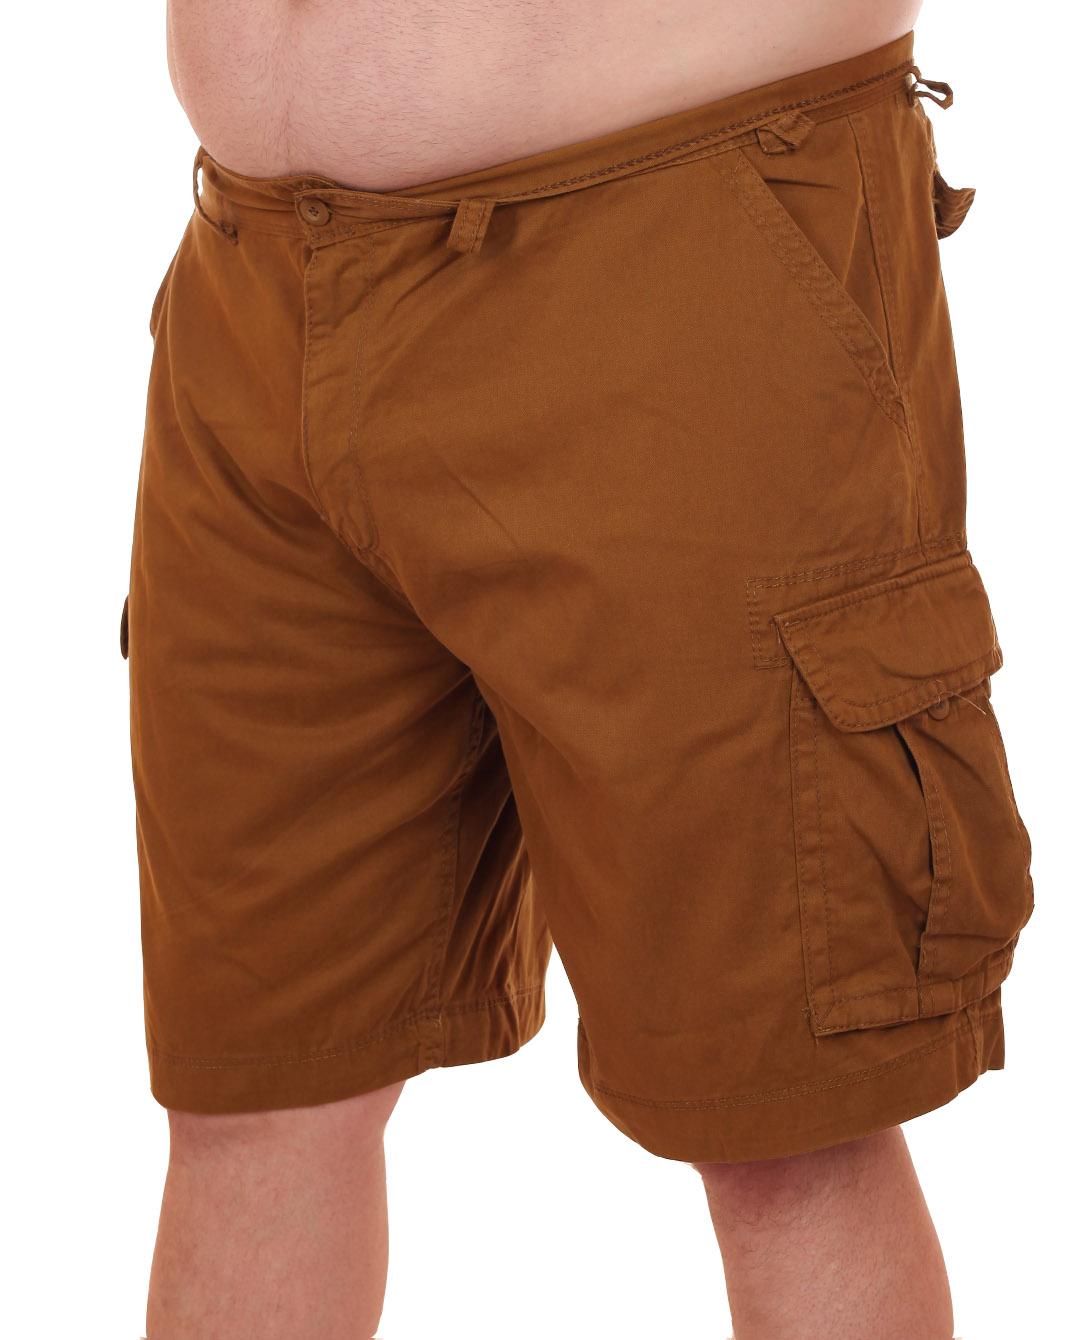 Заказать шорты для больших мужчин